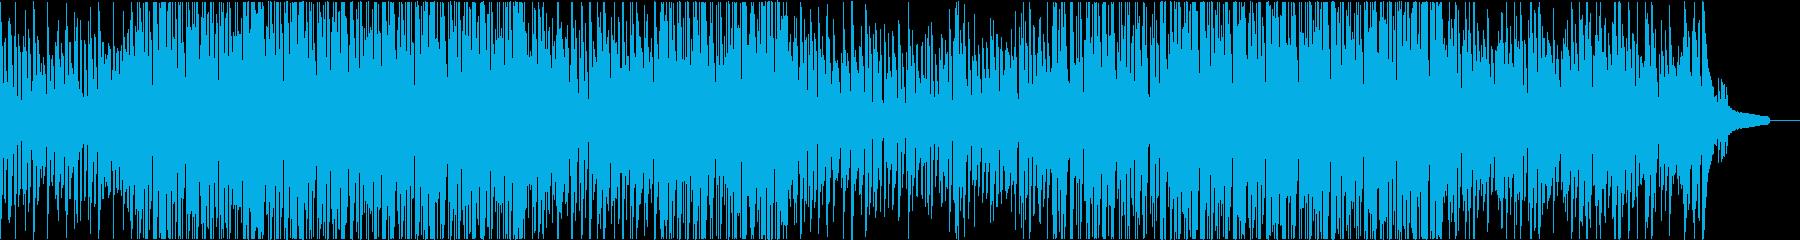 ゆったり落ち着いた感じのボサノバの再生済みの波形